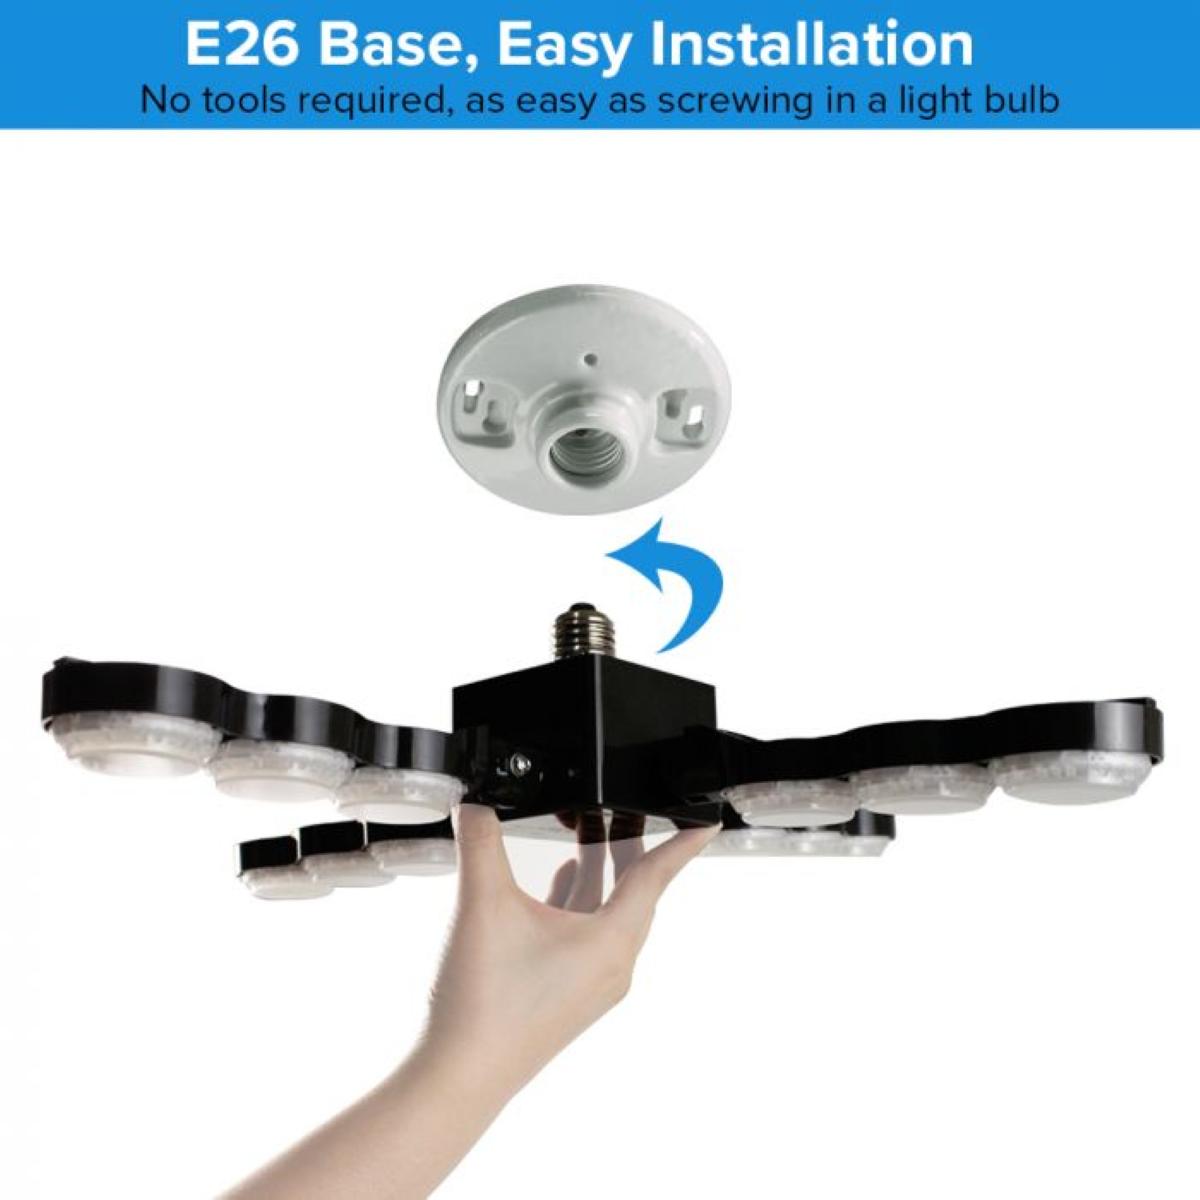 SANSI Ceiling Light - E26 Base for Easy Installation